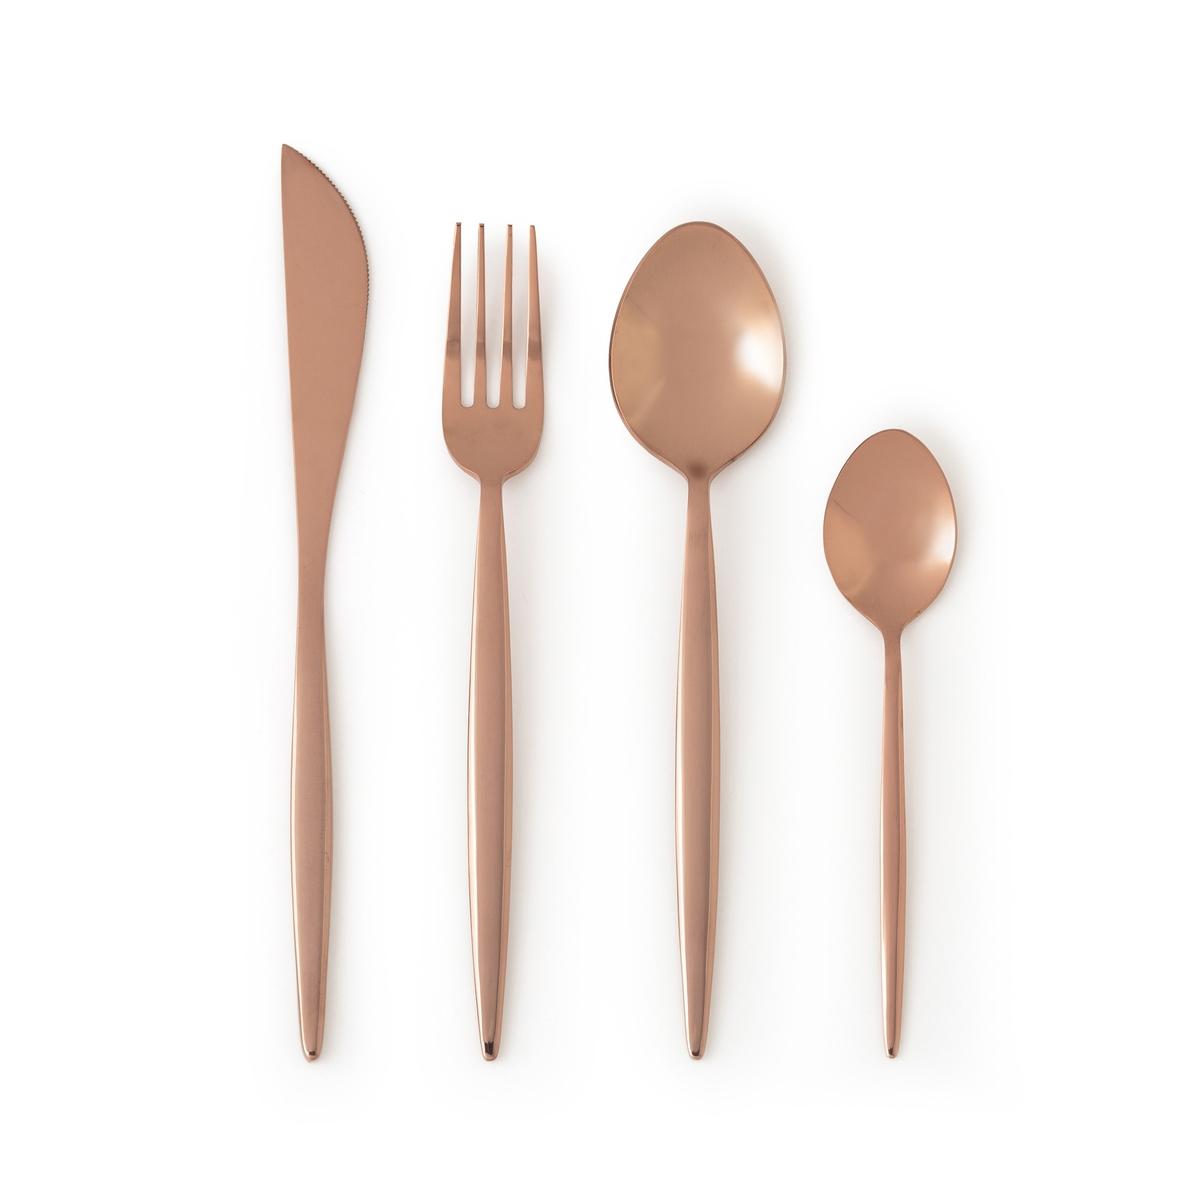 Комплект из 4 ножей Mandoulis4 ножа Mandoulis. Для элегантного и изящного стола… Из нержавеющей стали с покрытием золотистого цвета. Подходят для использования в посудомоечной машине.<br><br>Цвет: темно-золотистая сталь